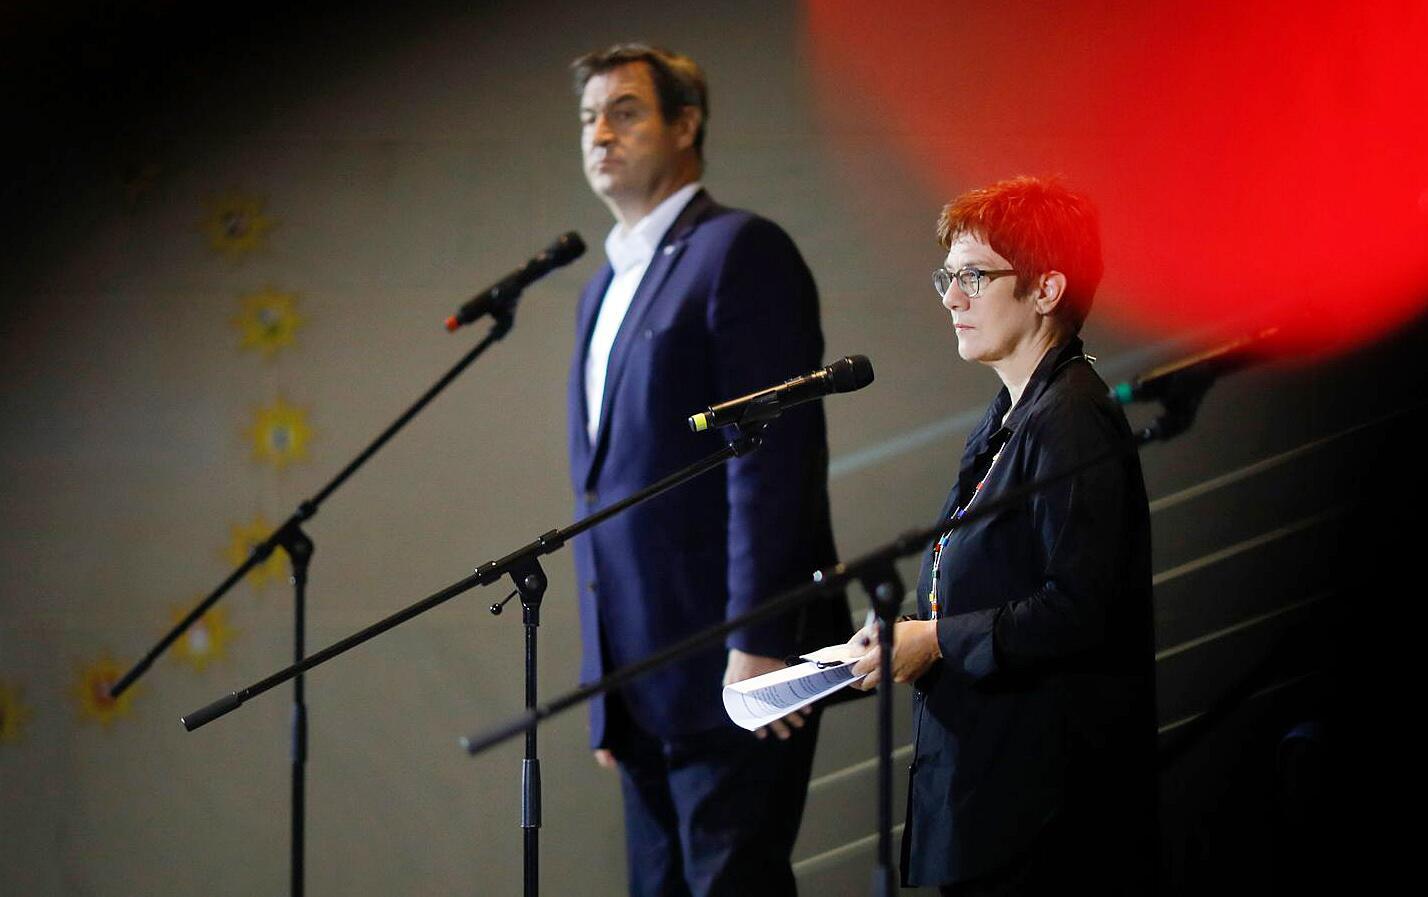 Heil: Arbeitsagentur braucht 10 Milliarden Euro